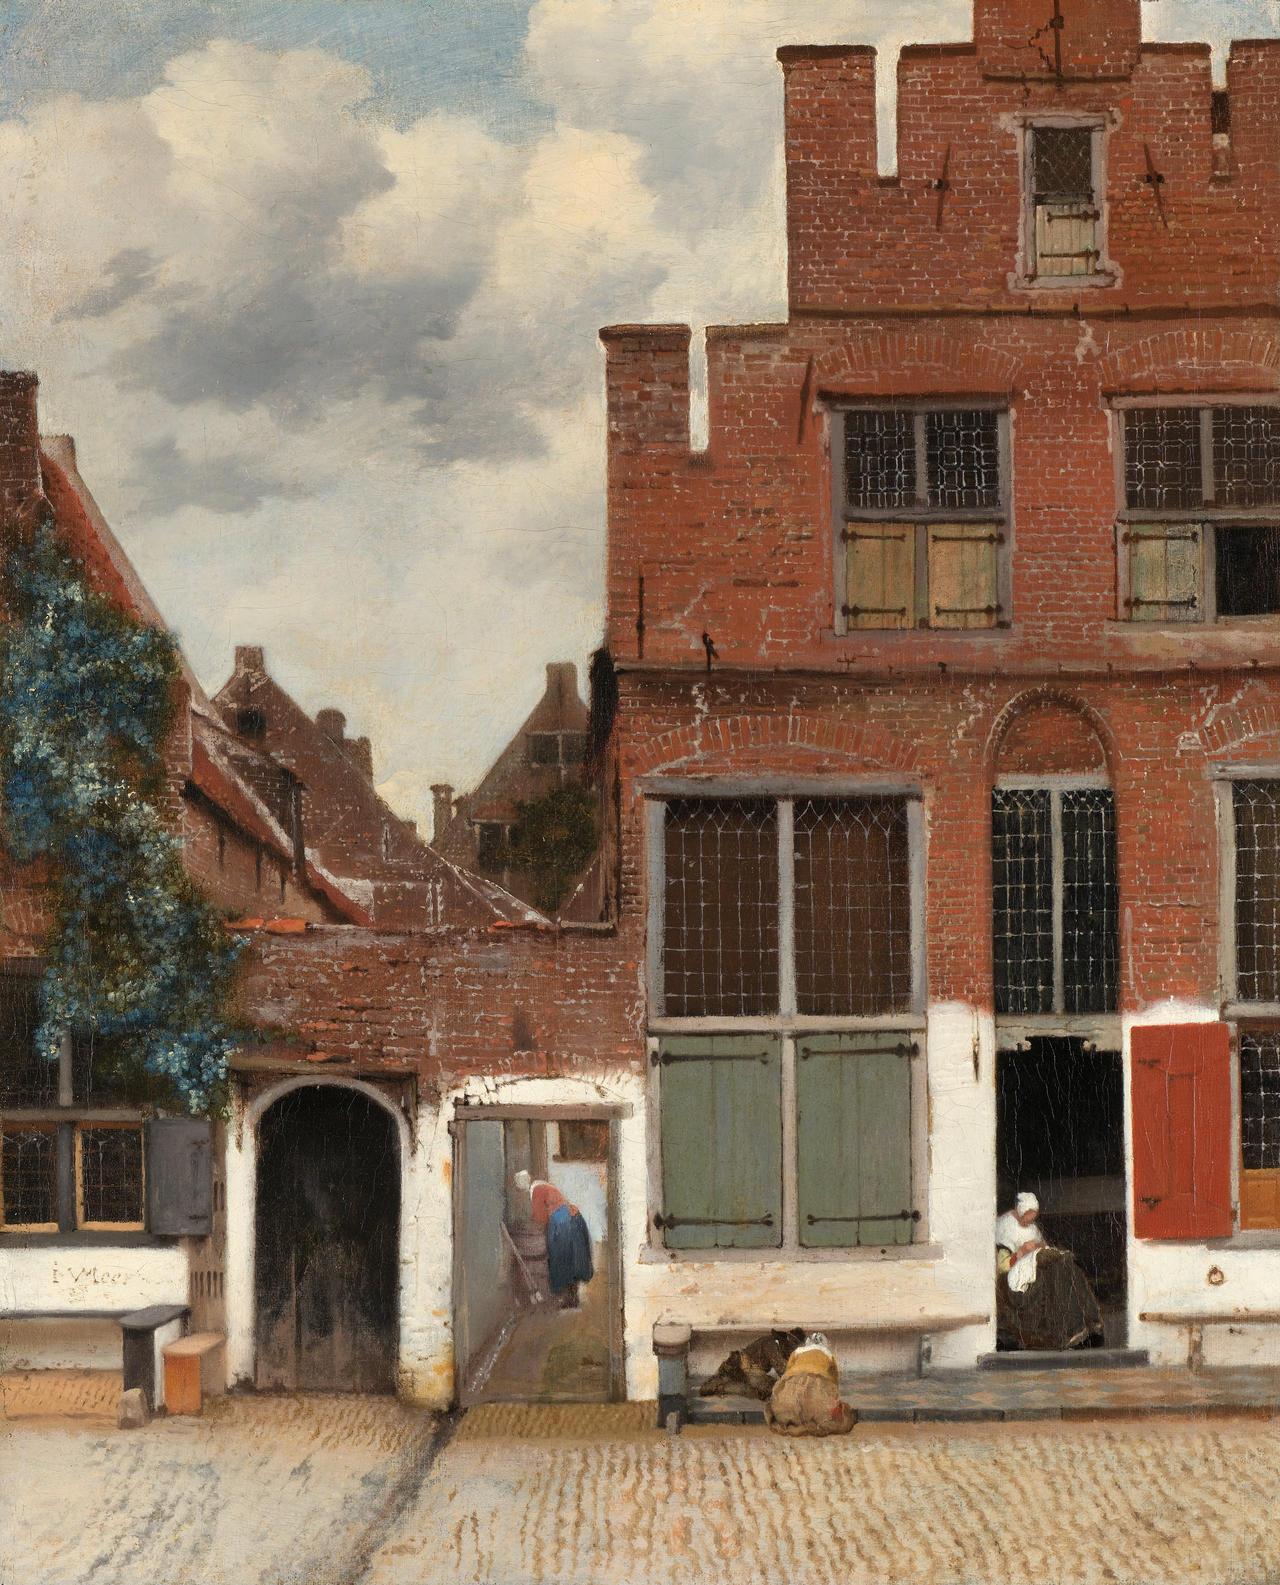 La Ruelle (1658)